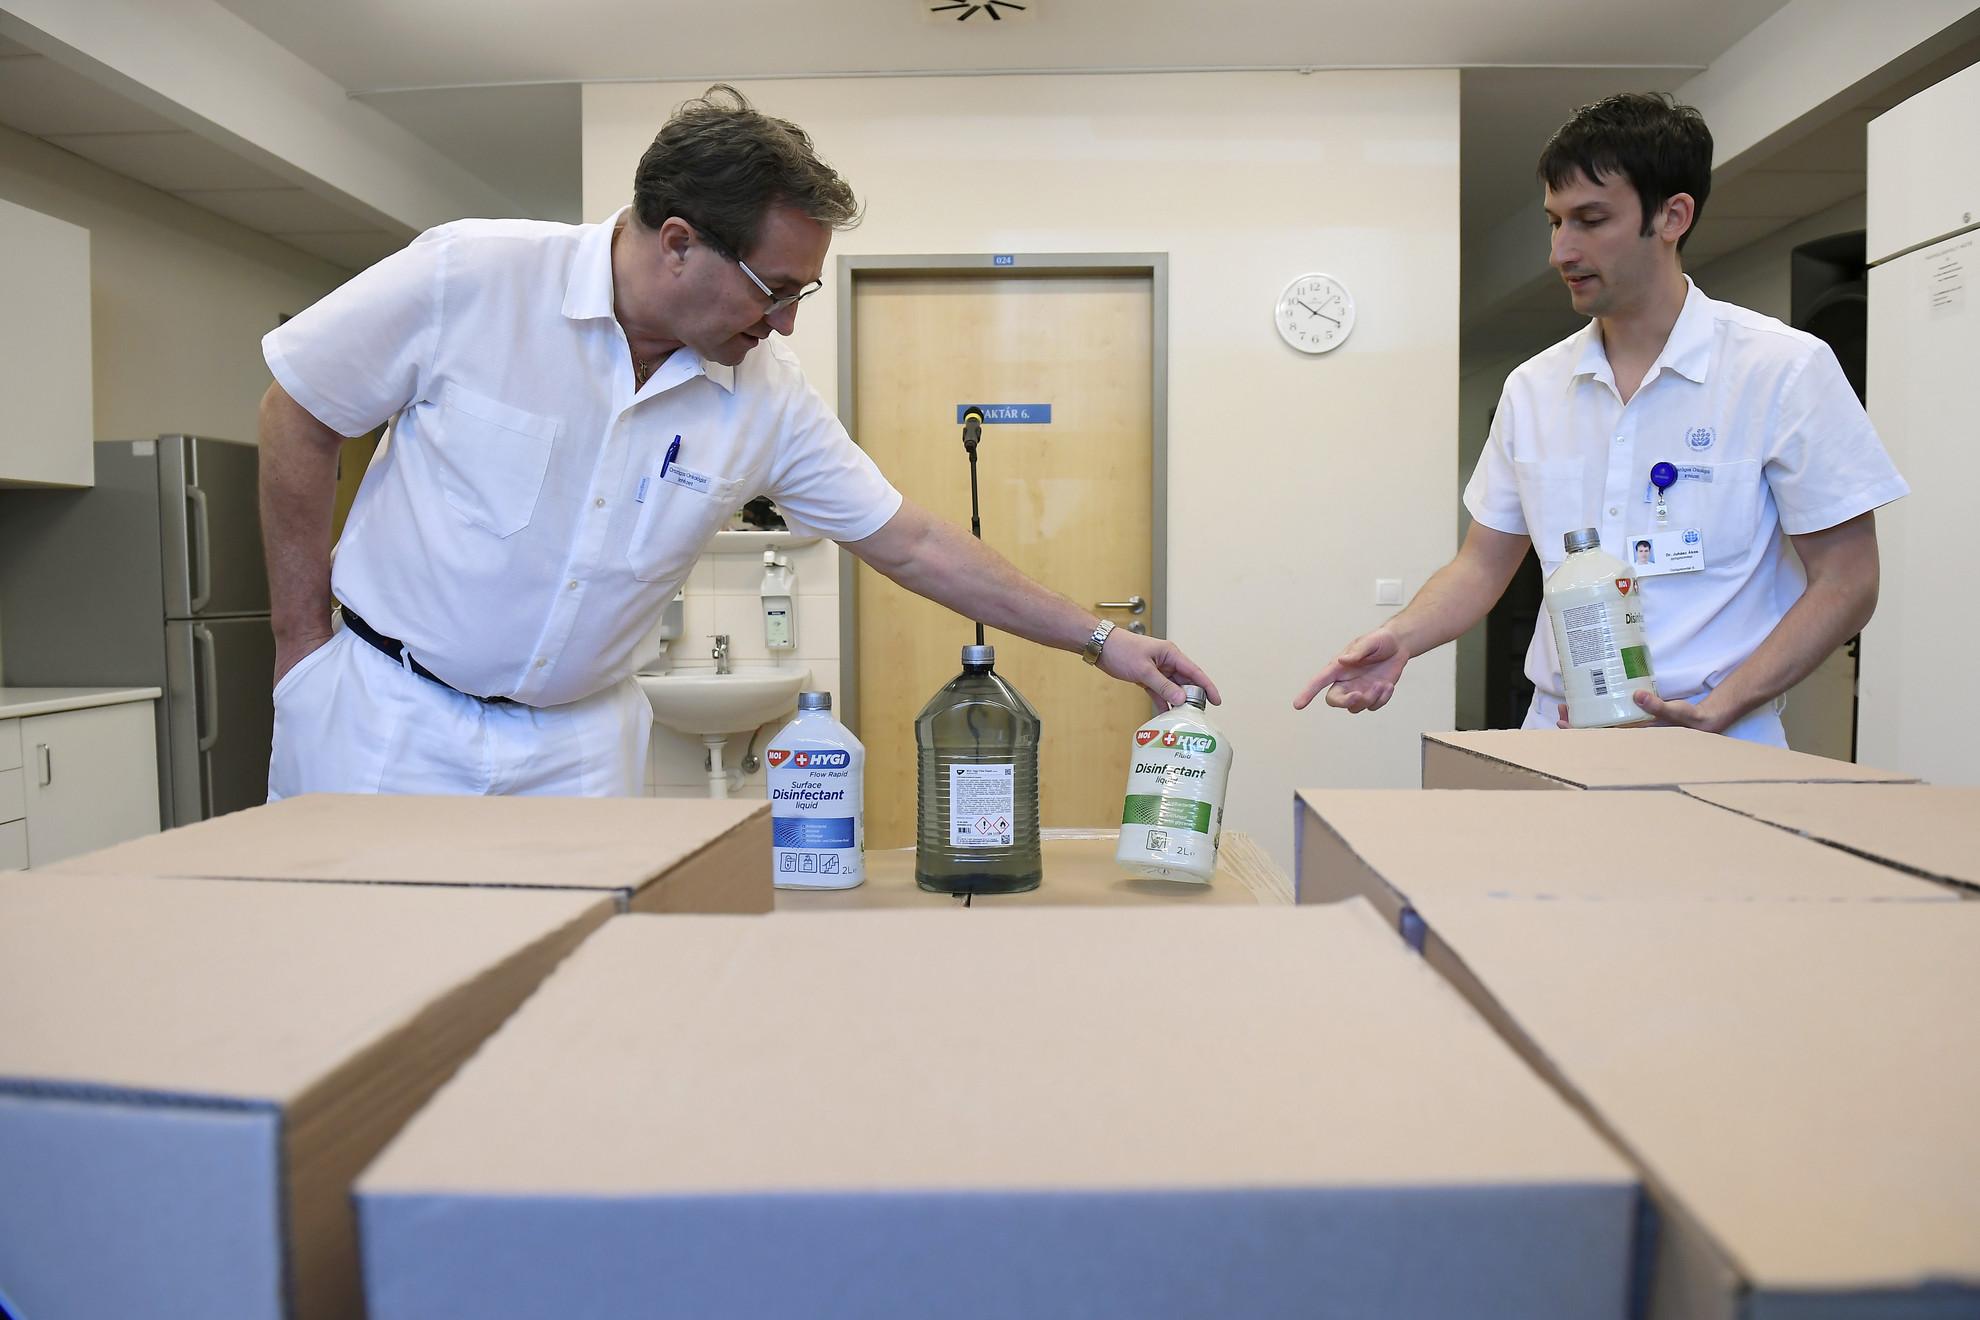 Polgár Csaba, az Országos Onkológiai Intézet főigazgató főorvosa (b) és Juhász Ákos, az intézet főgyógyszerésze átveszi a Mol kéz- és felületfertőtlenítő folyadék adományát a fővárosi intézet gyógyszerraktárában 2020. április 22-én